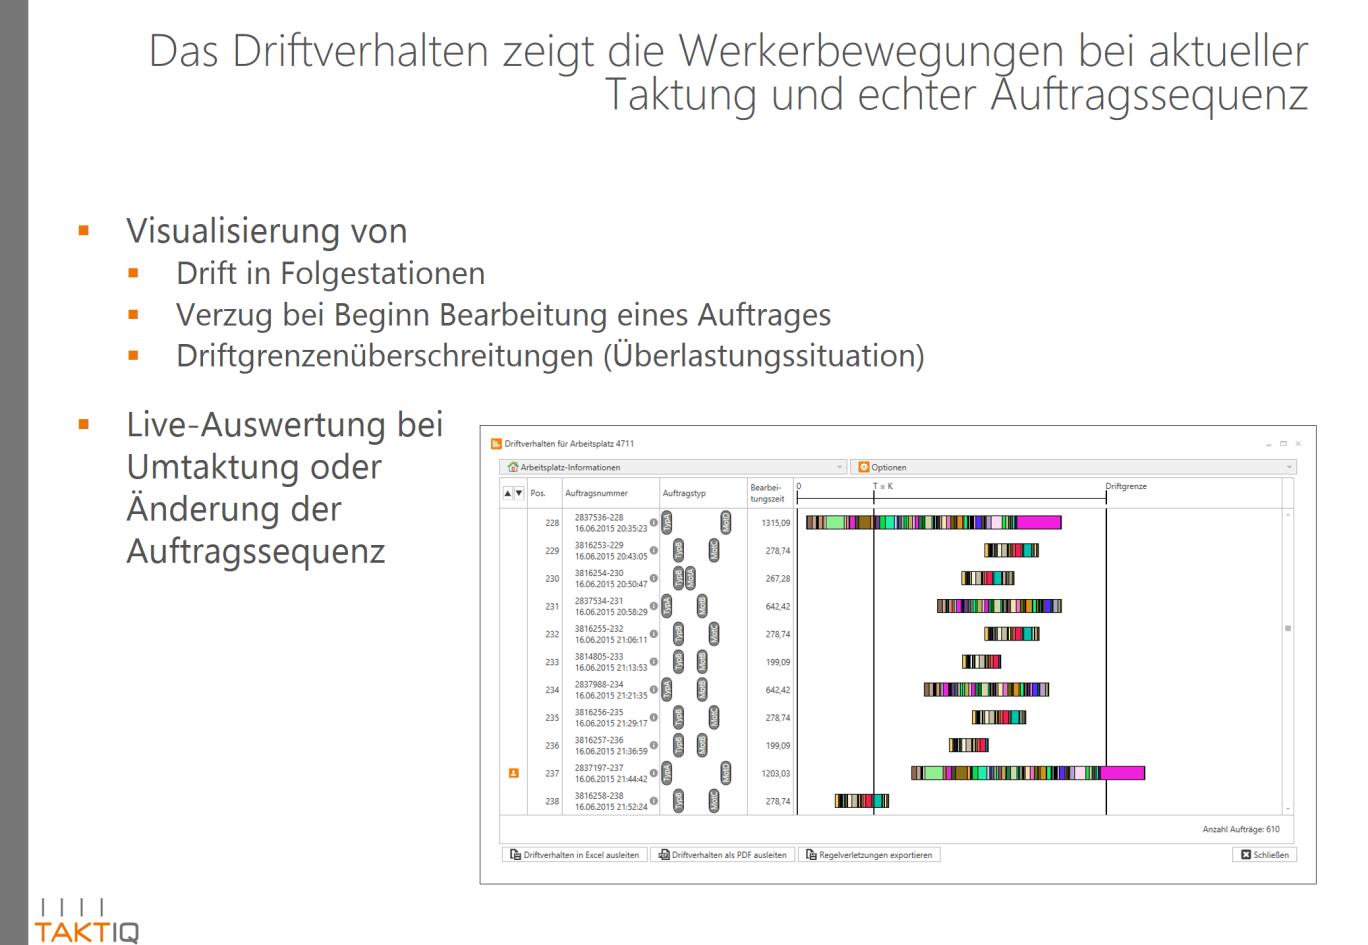 Folie zum Driftverhalten bei Werkerbewegungen bei aktueller Taktung und echter Auftragssequenz